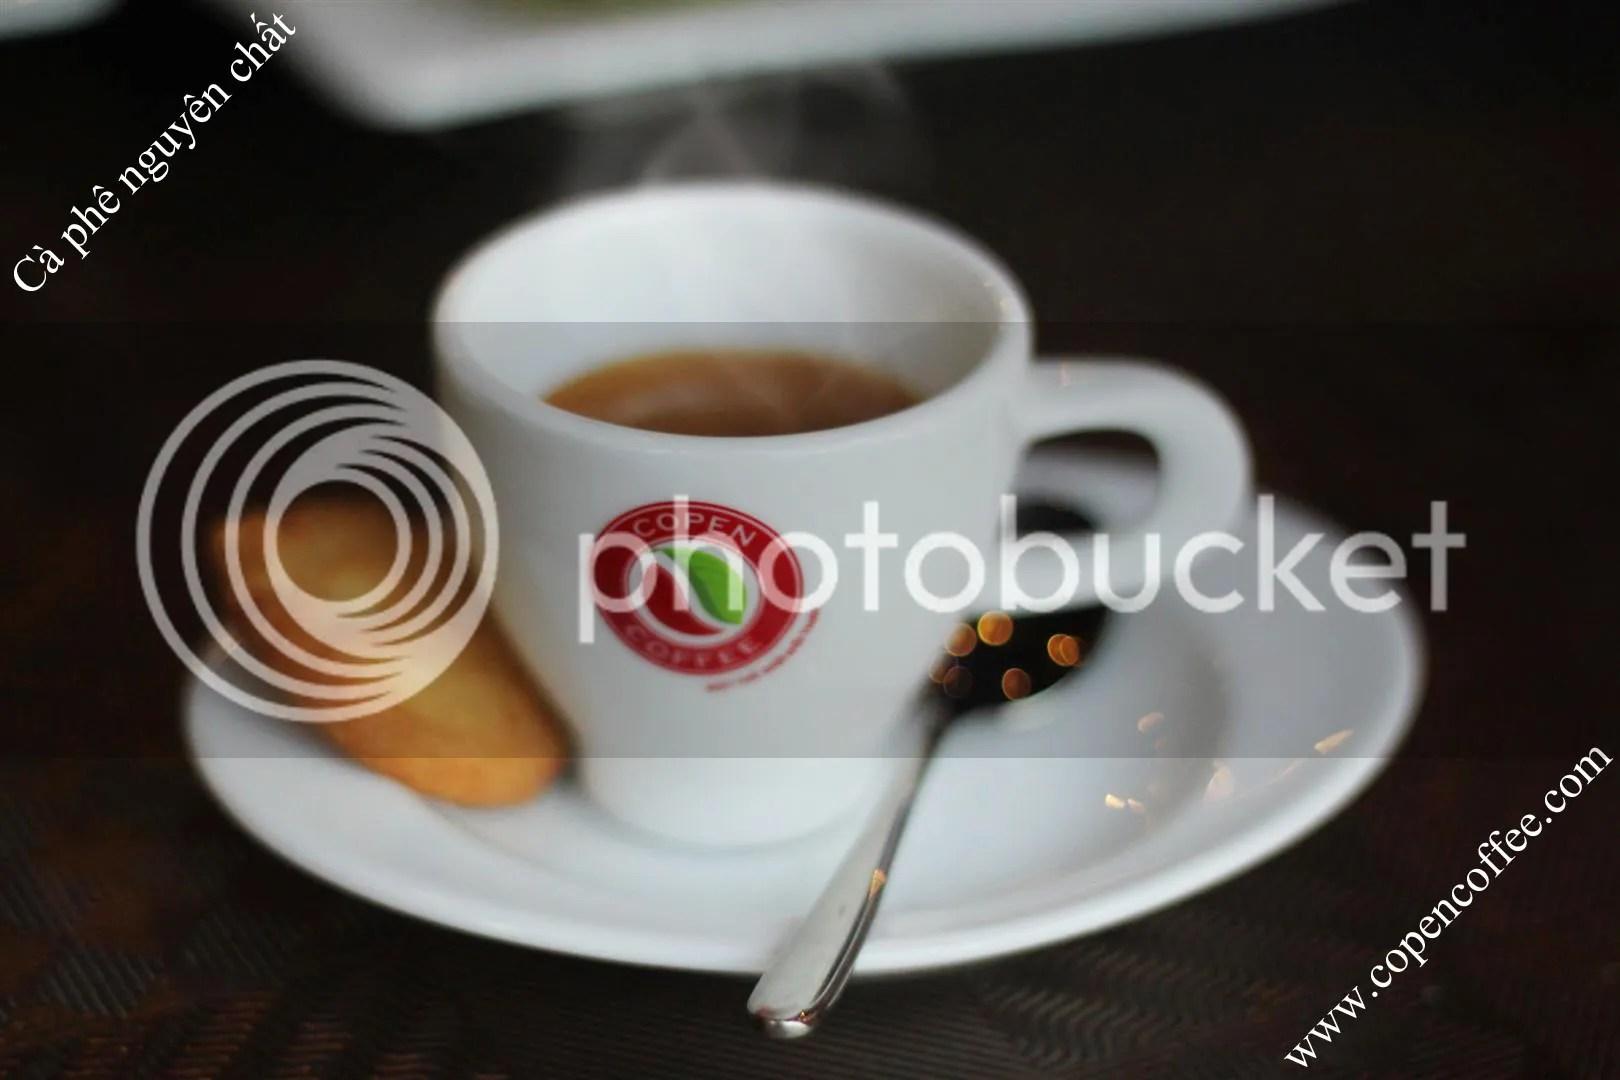 Espresso Copen Coffee, cà phê nguyên chất, thuần việt, culi coffe, cà phê sài gòn, cà phê việt nam